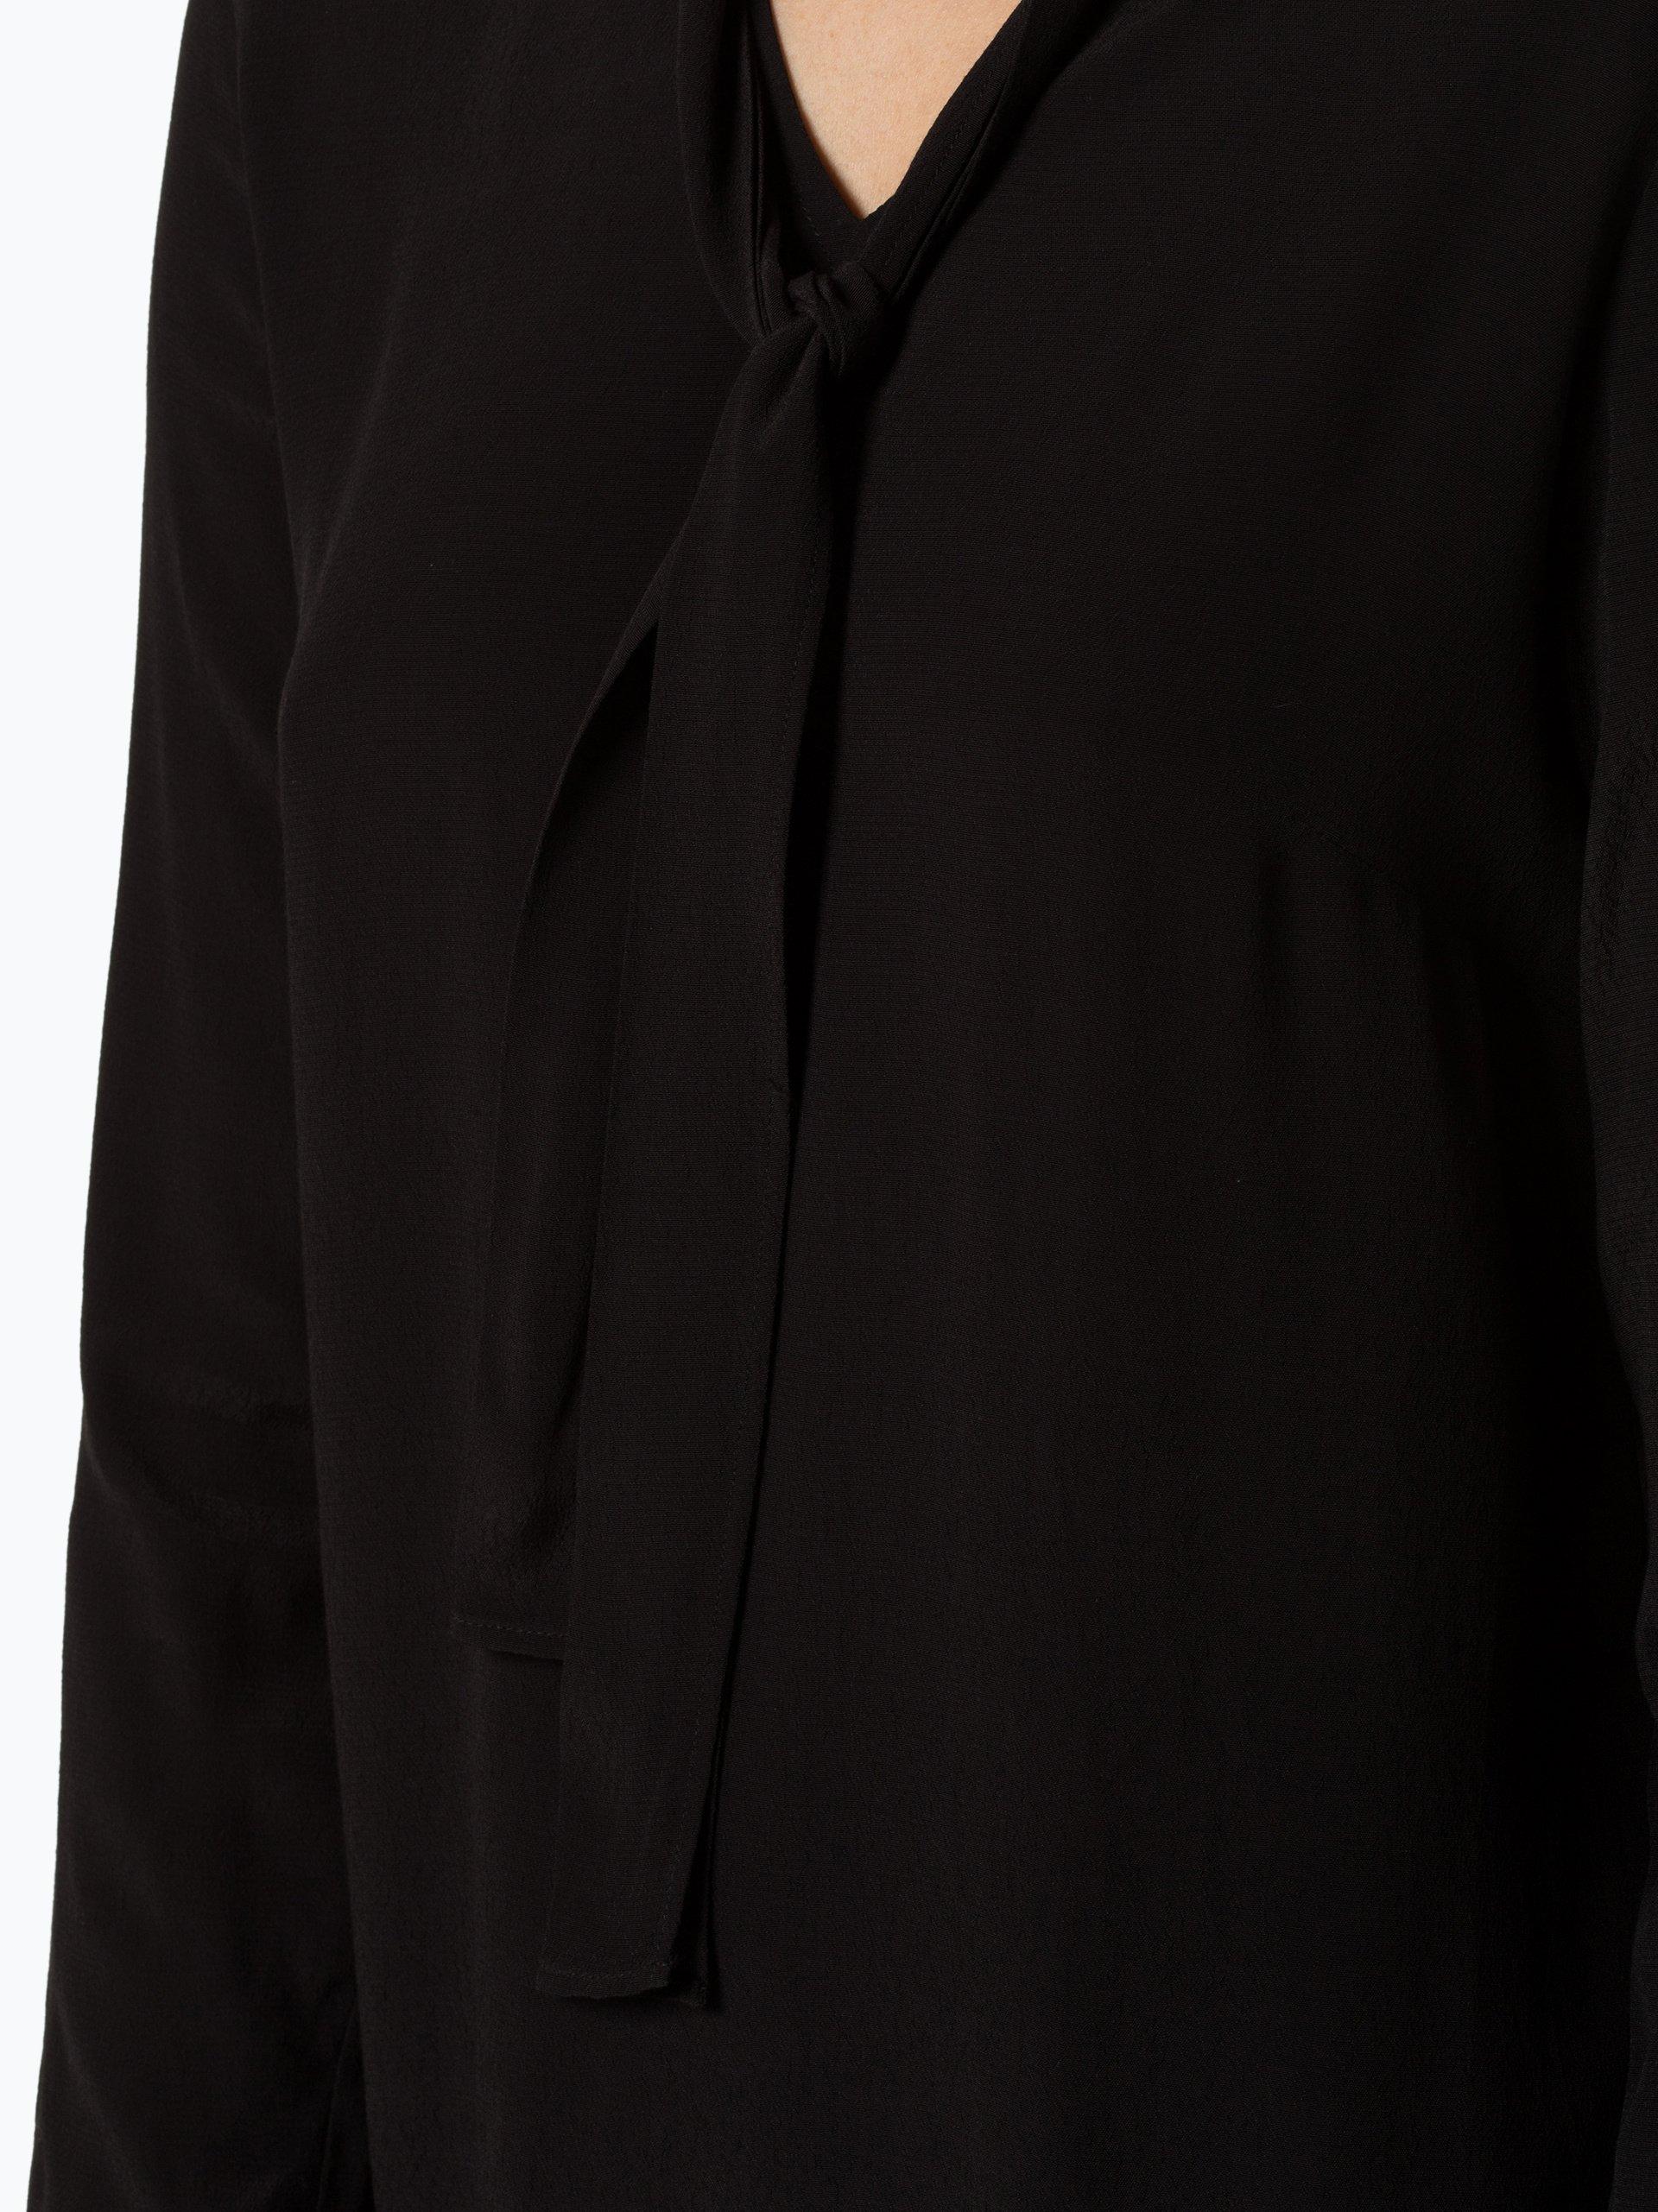 Opus Damen Kleid - Fulrike